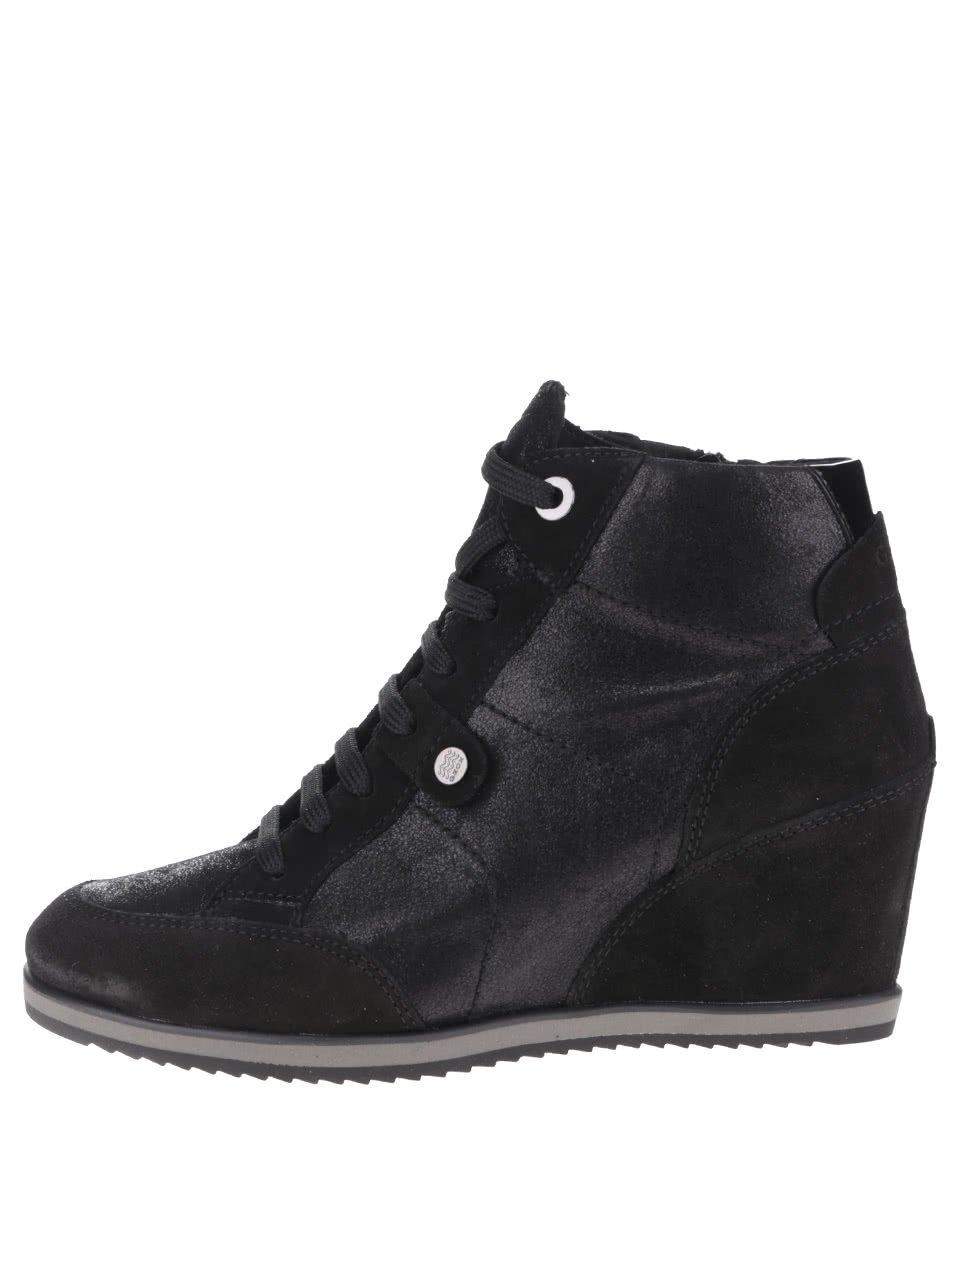 Černé dámské semišové sneakers tenisky Geox Illusion A